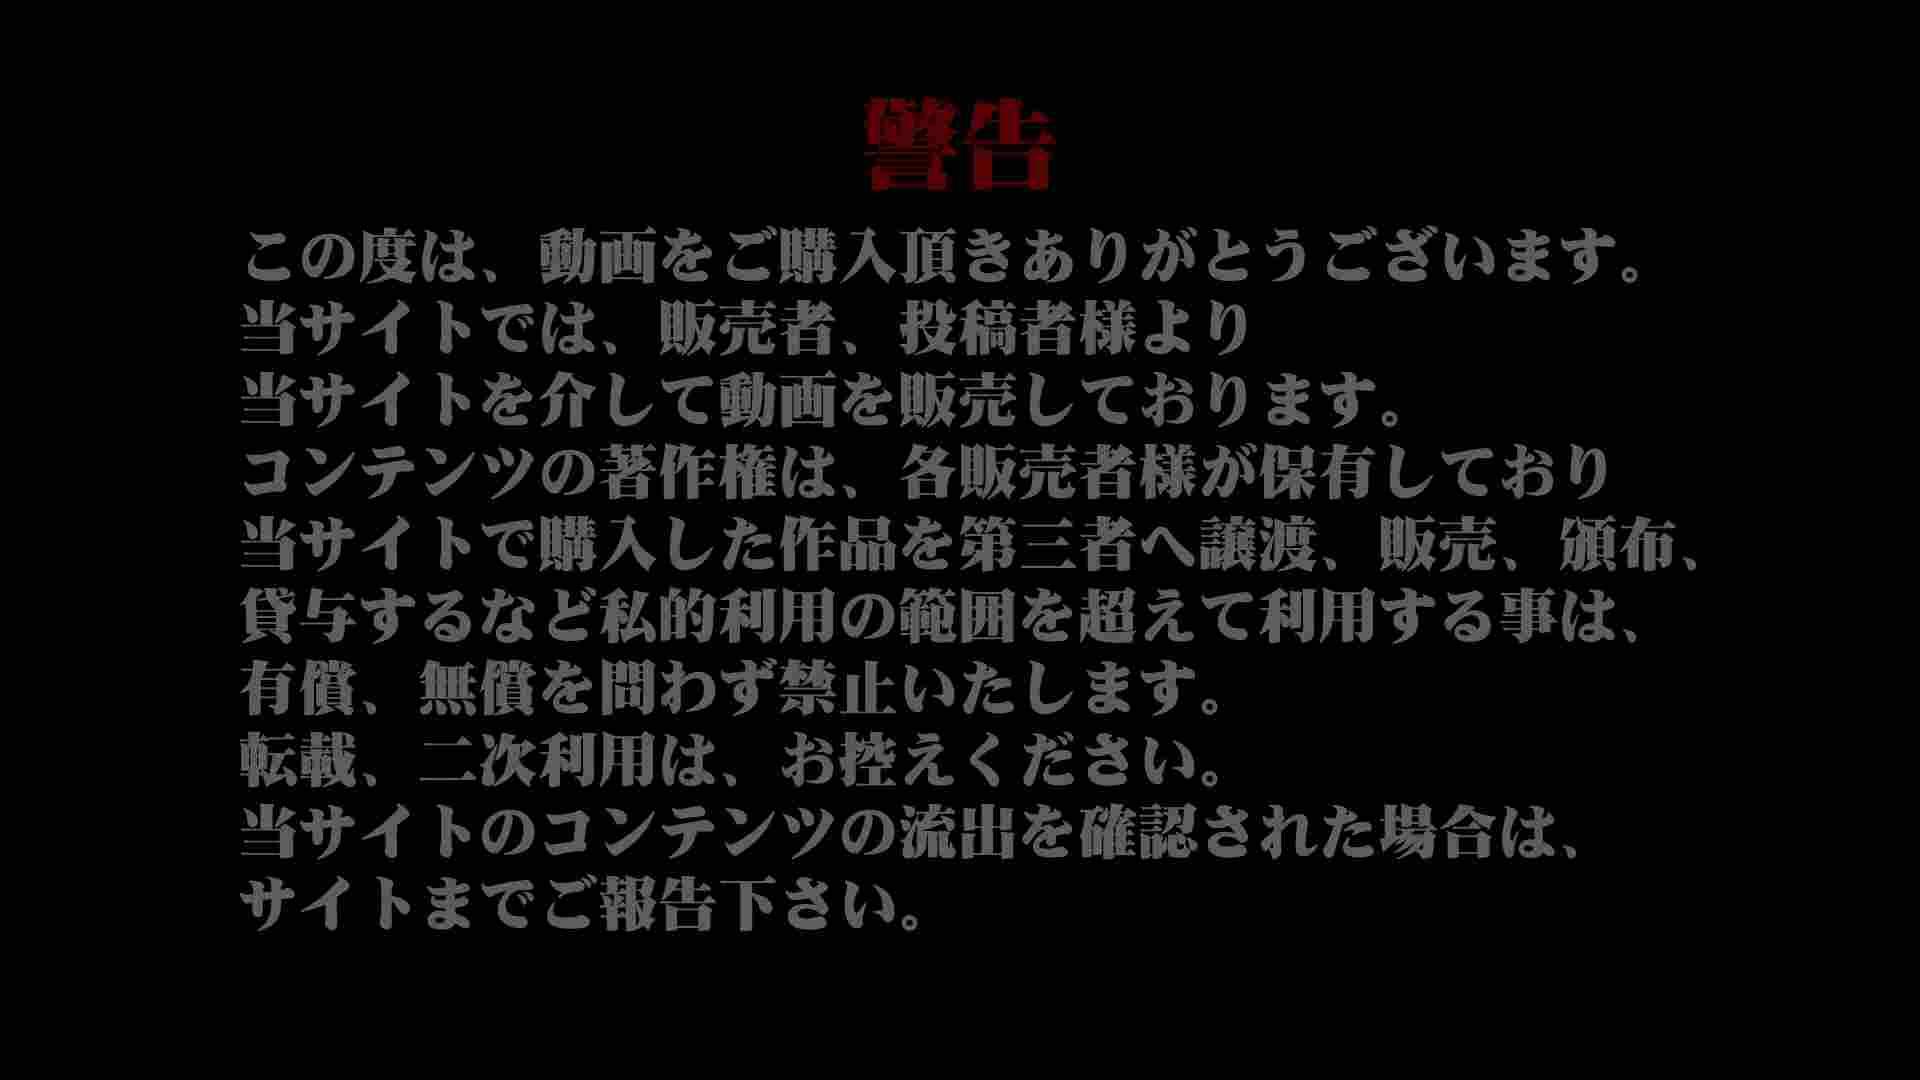 ギャルのツルピカ潜入盗撮!Vol.14 ギャル・コレクション | 盗撮エロすぎ  66連発 4